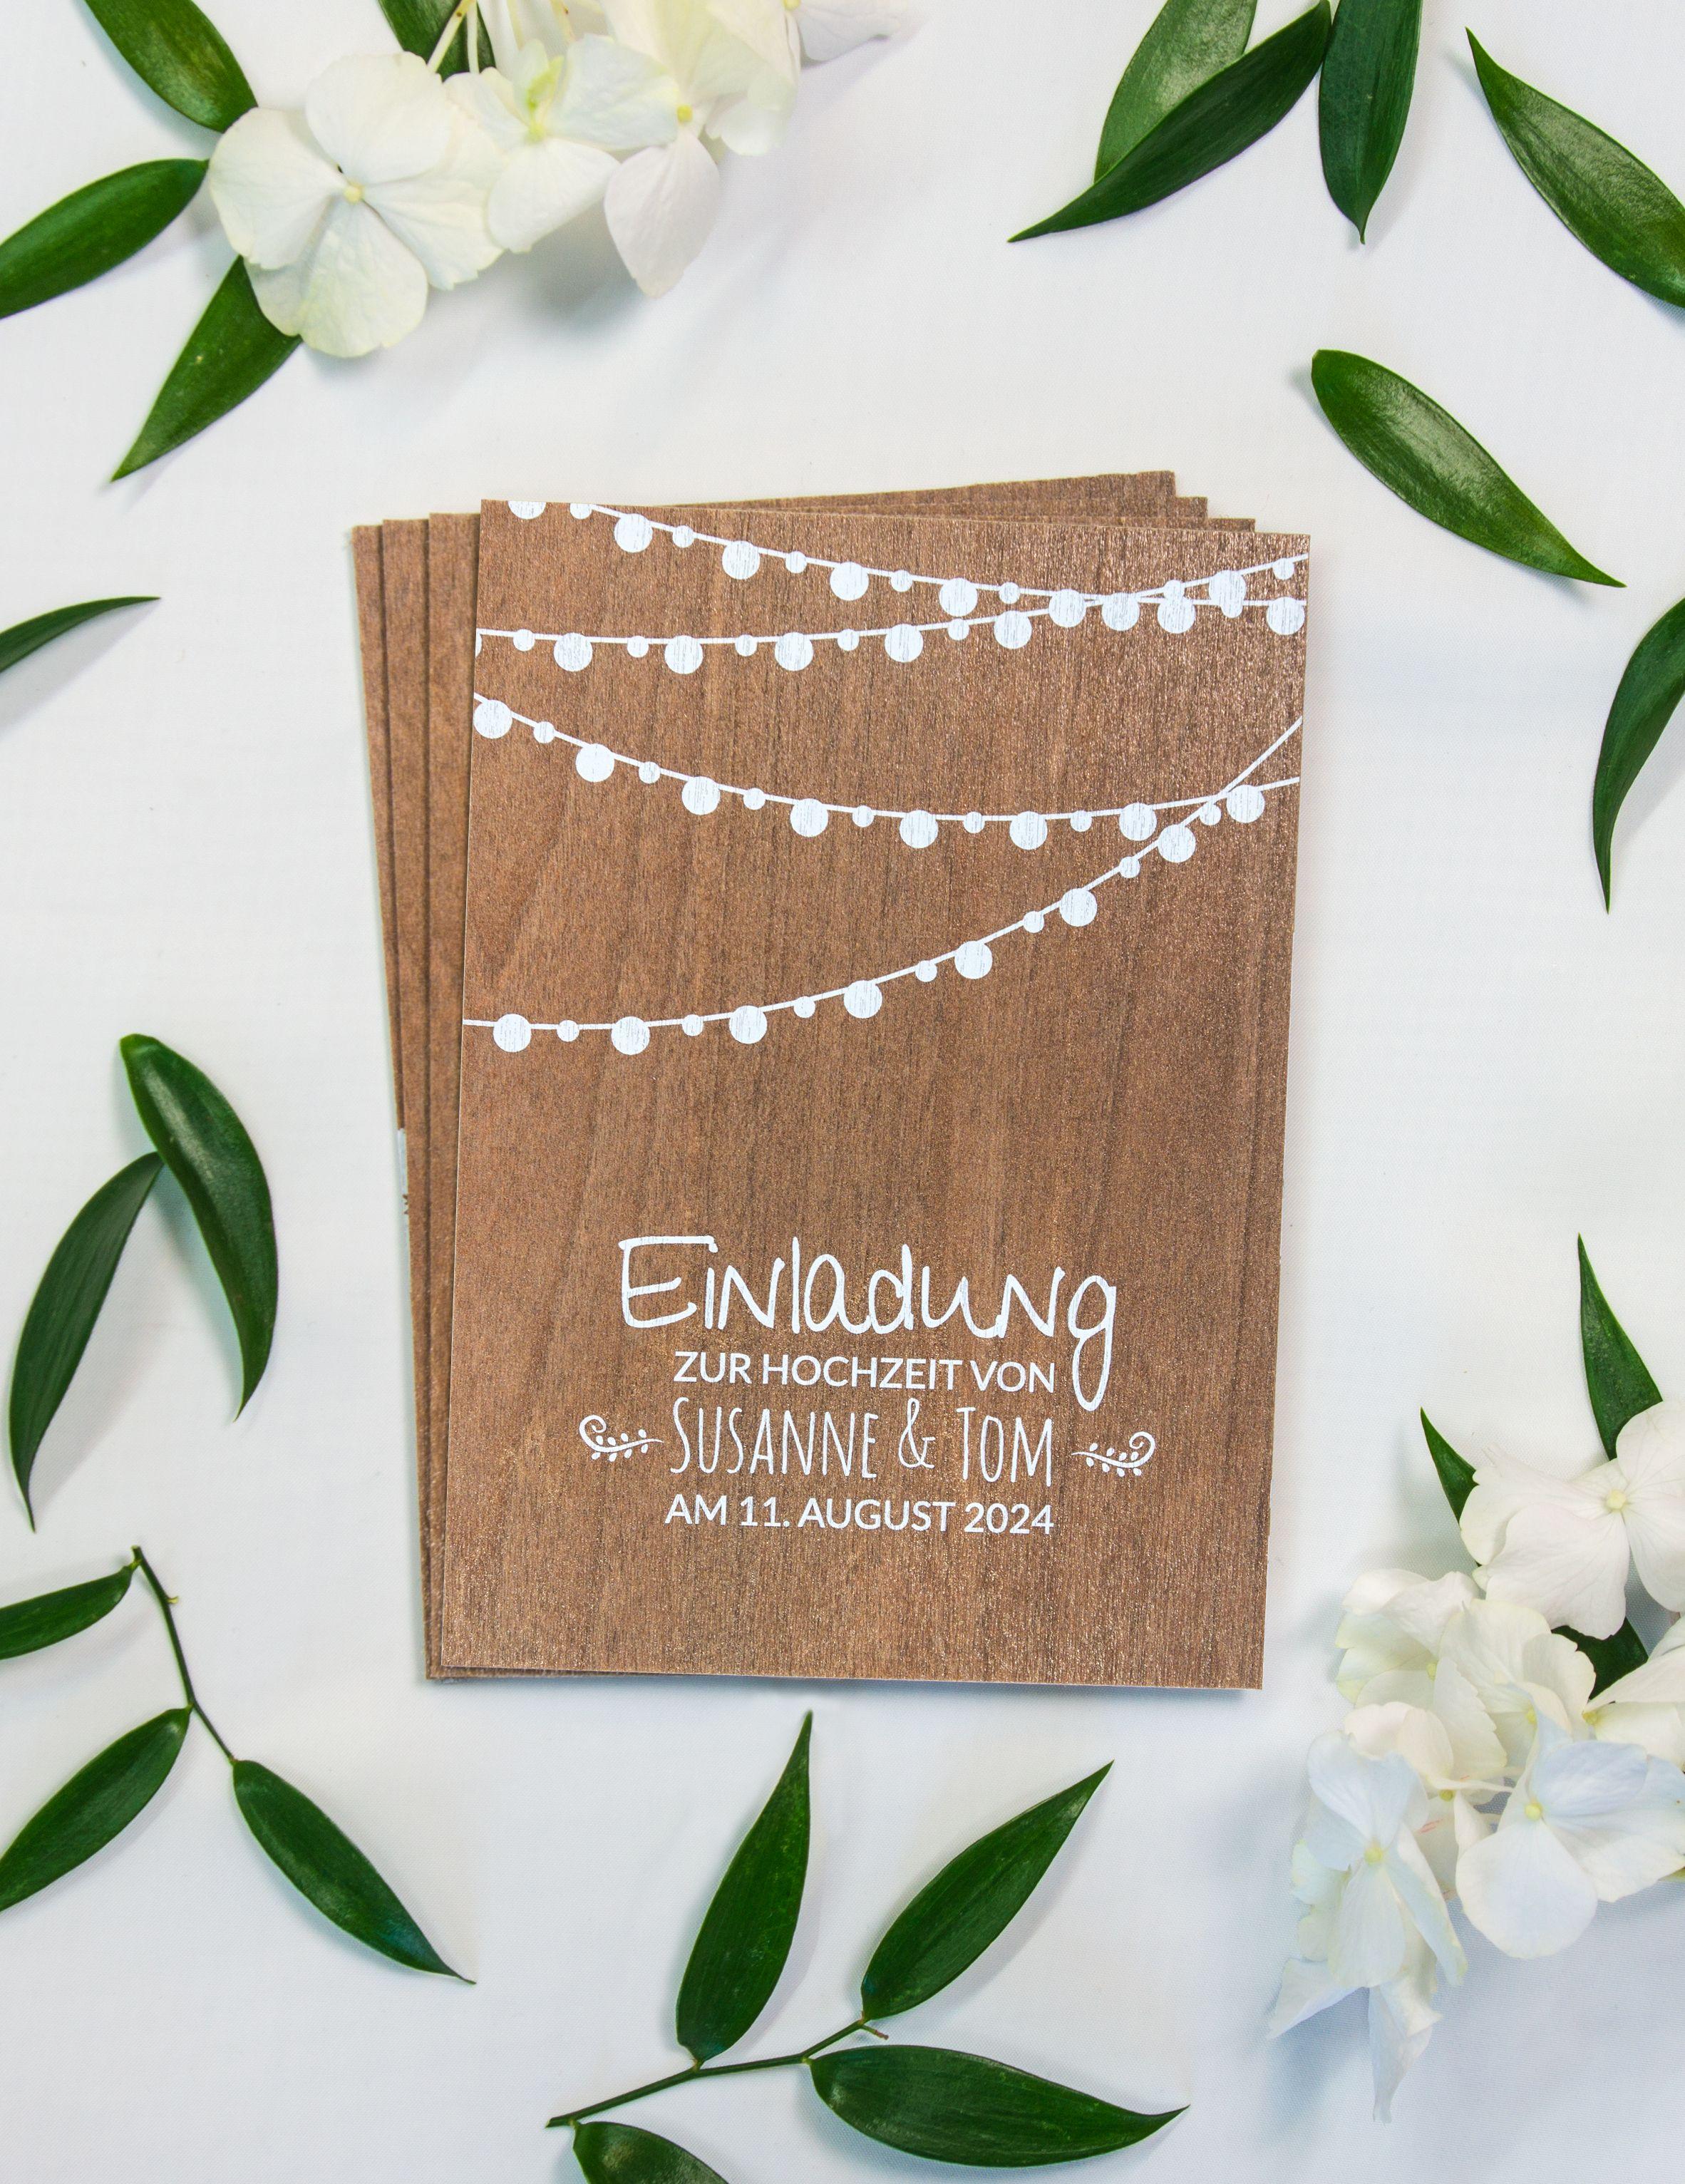 Einladungskarte Aus Holz Lampions Bei Uns Konnen Sie Ihre Eigenen